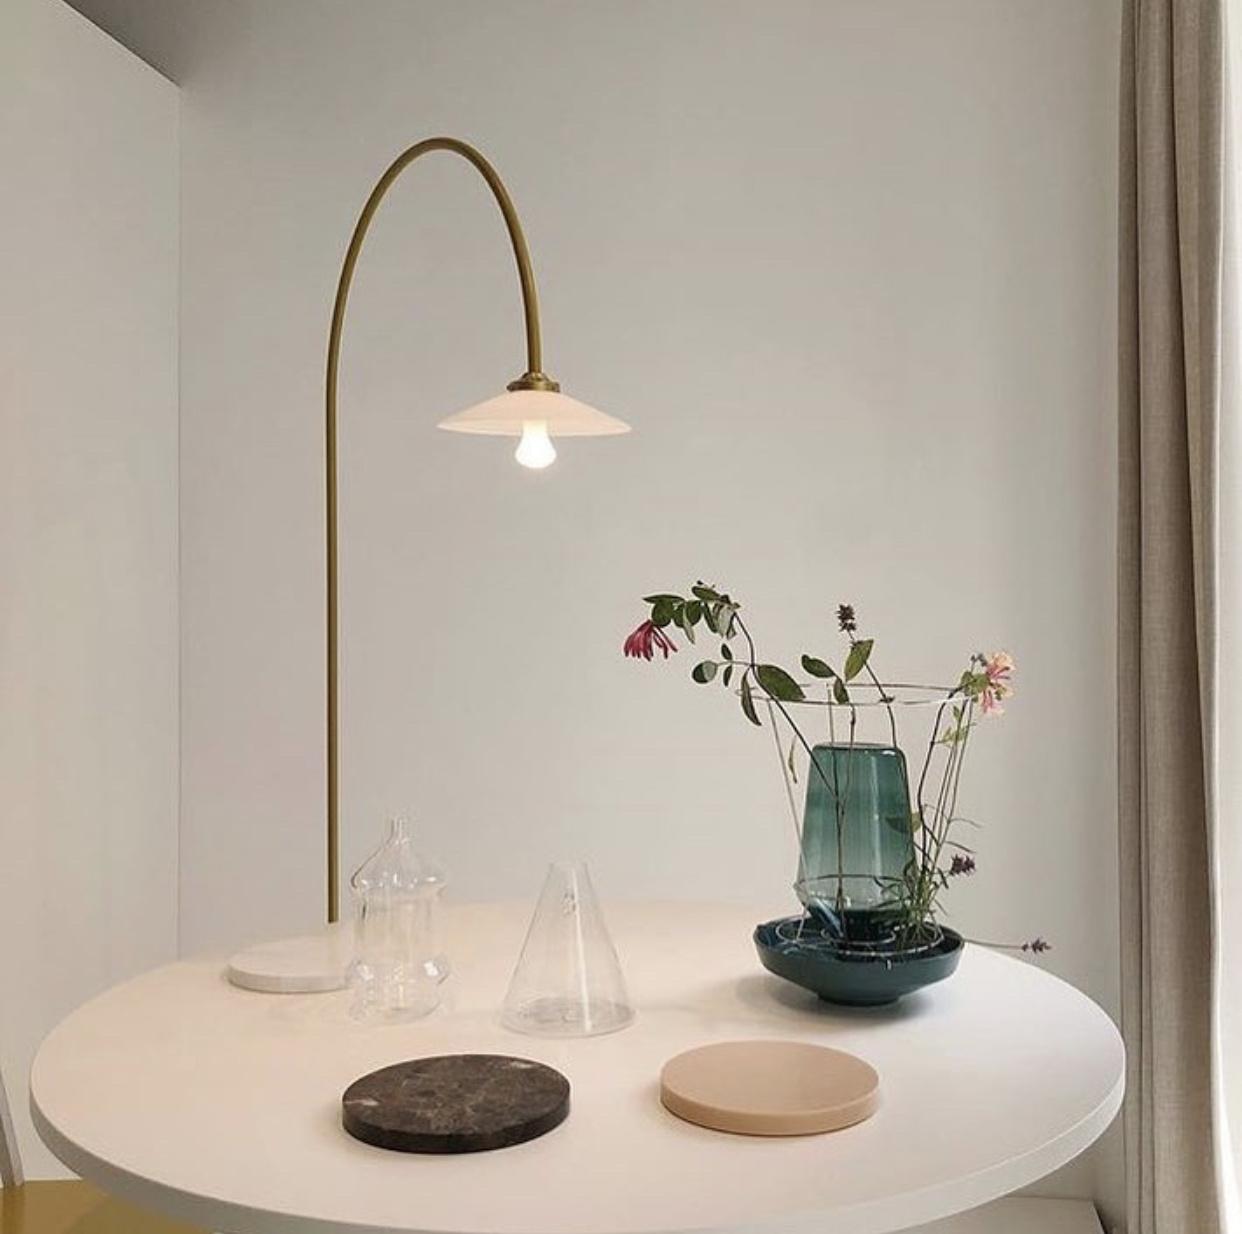 Hanging Lamp No. 2-12